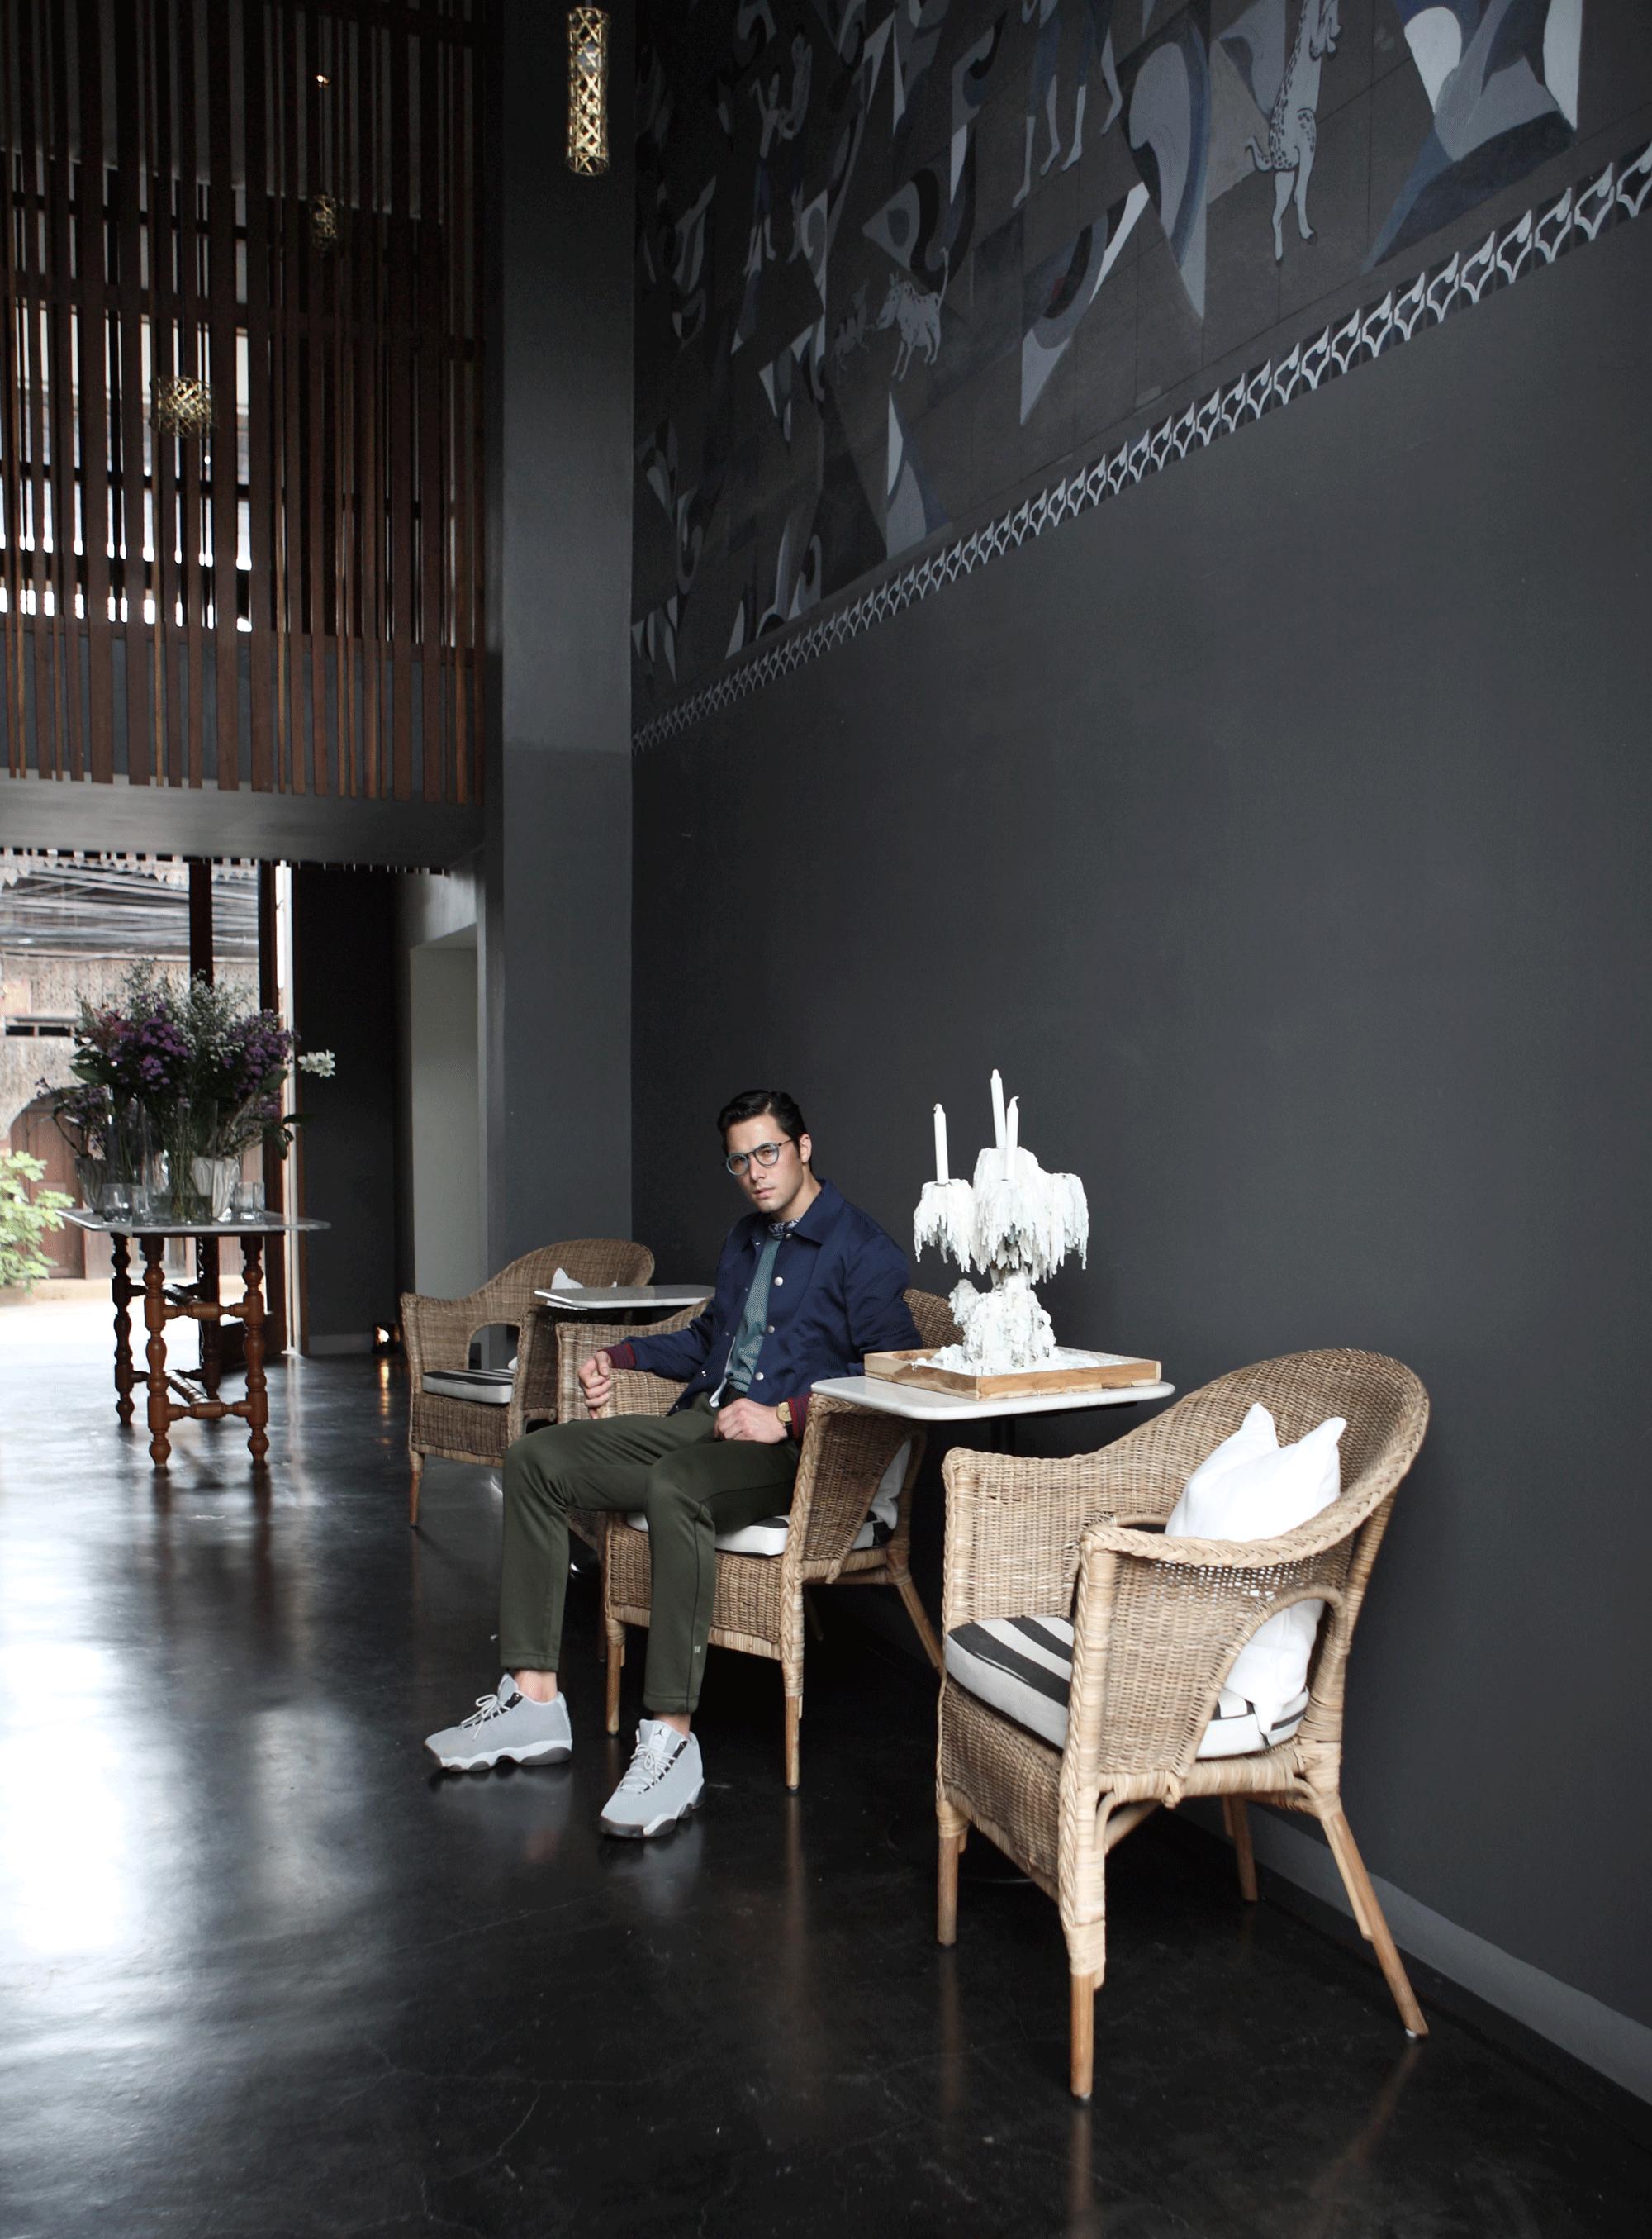 jacket : CK Calvin Klein / watch : FORREST / eyeglasses : TAVAT